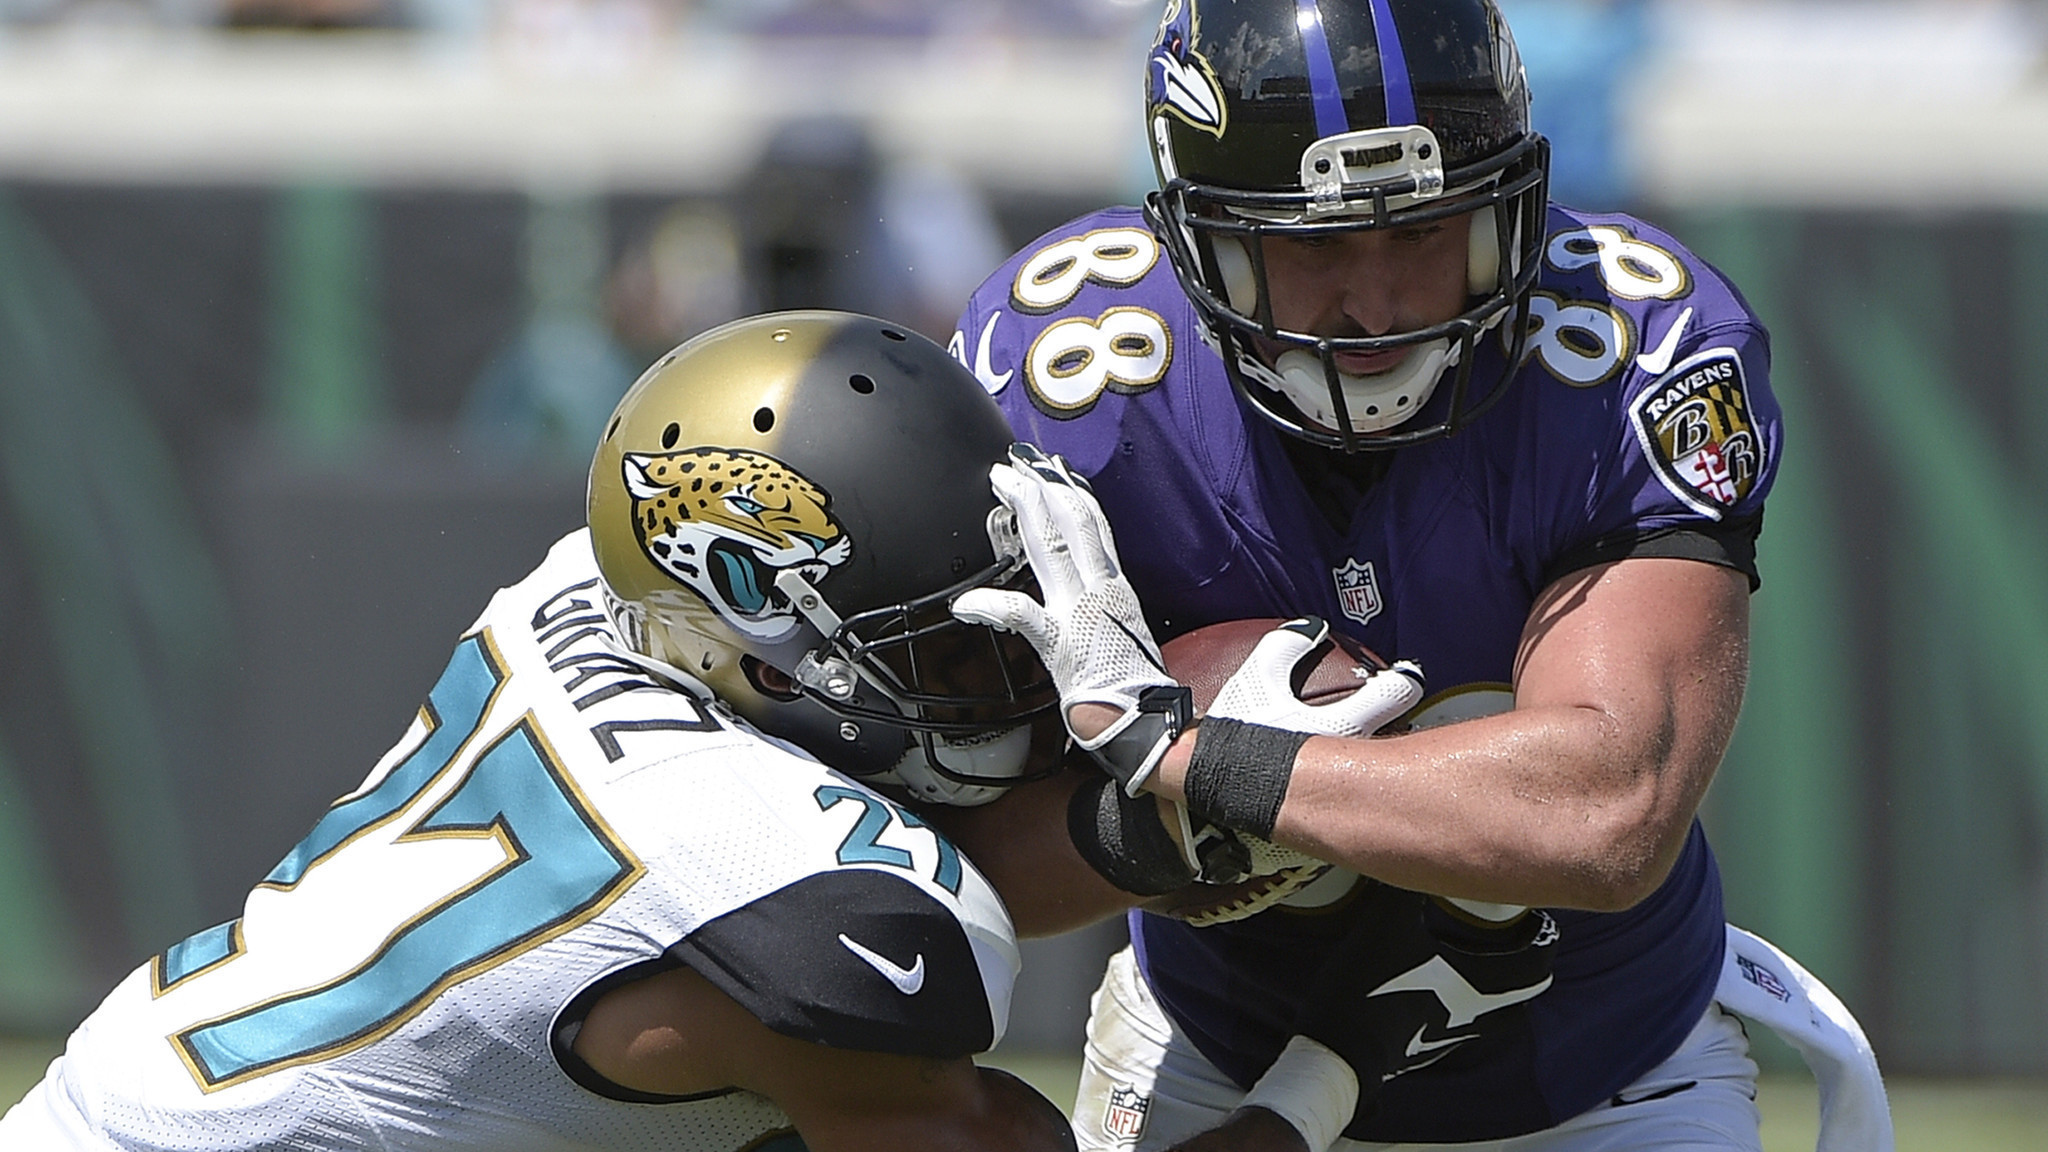 Trumaine Johnson s injury spurs Rams to claim cornerback Dwayne